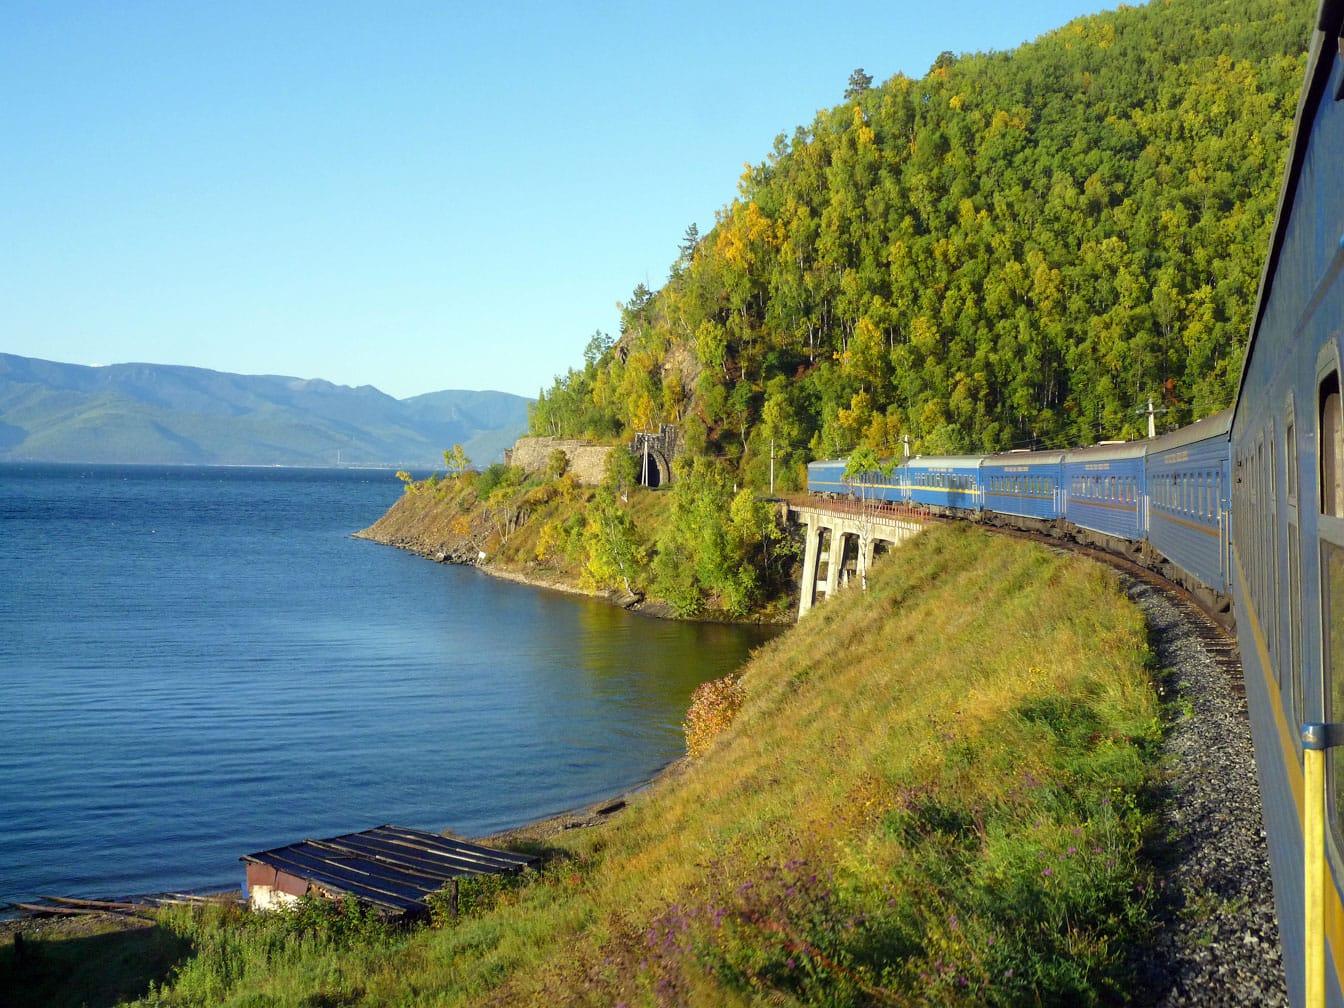 Train on the coast on the Ulaan Baatar Express: Moscow to Ulaan Baatar journey